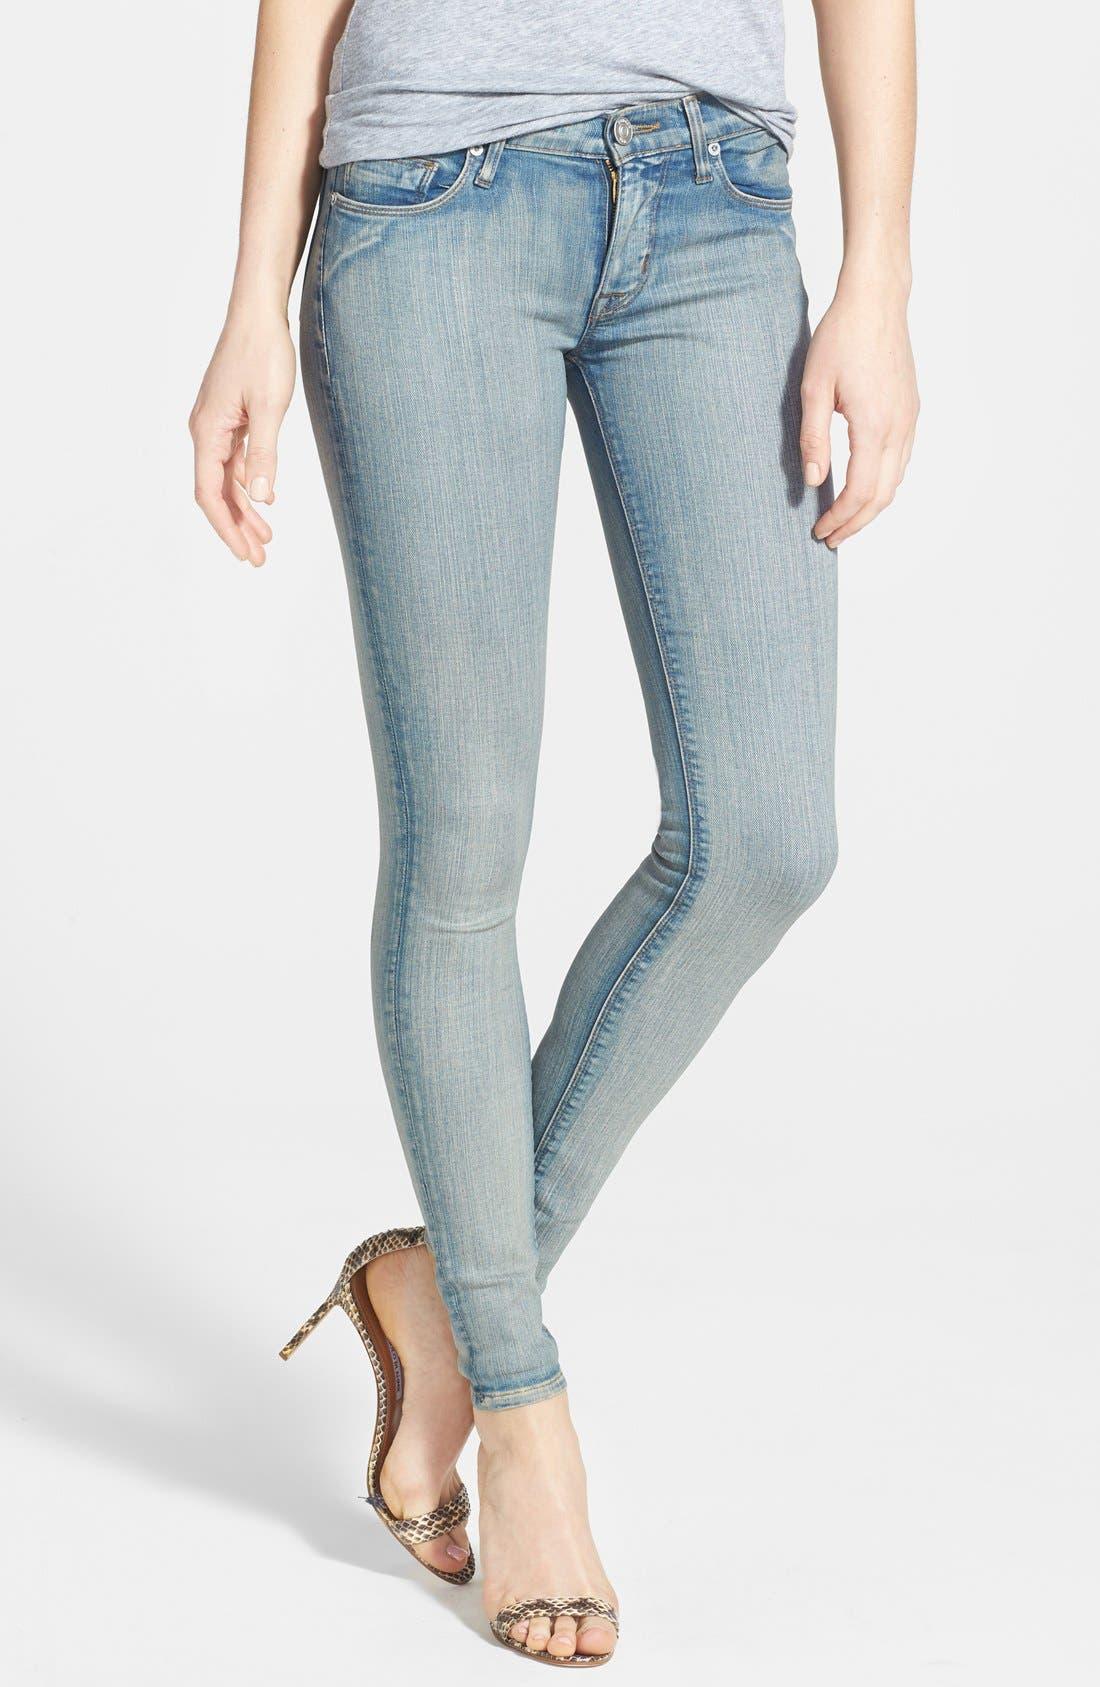 Alternate Image 1 Selected - Hudson Jeans 'Krista' Super Skinny Jeans (Castles of Sand)